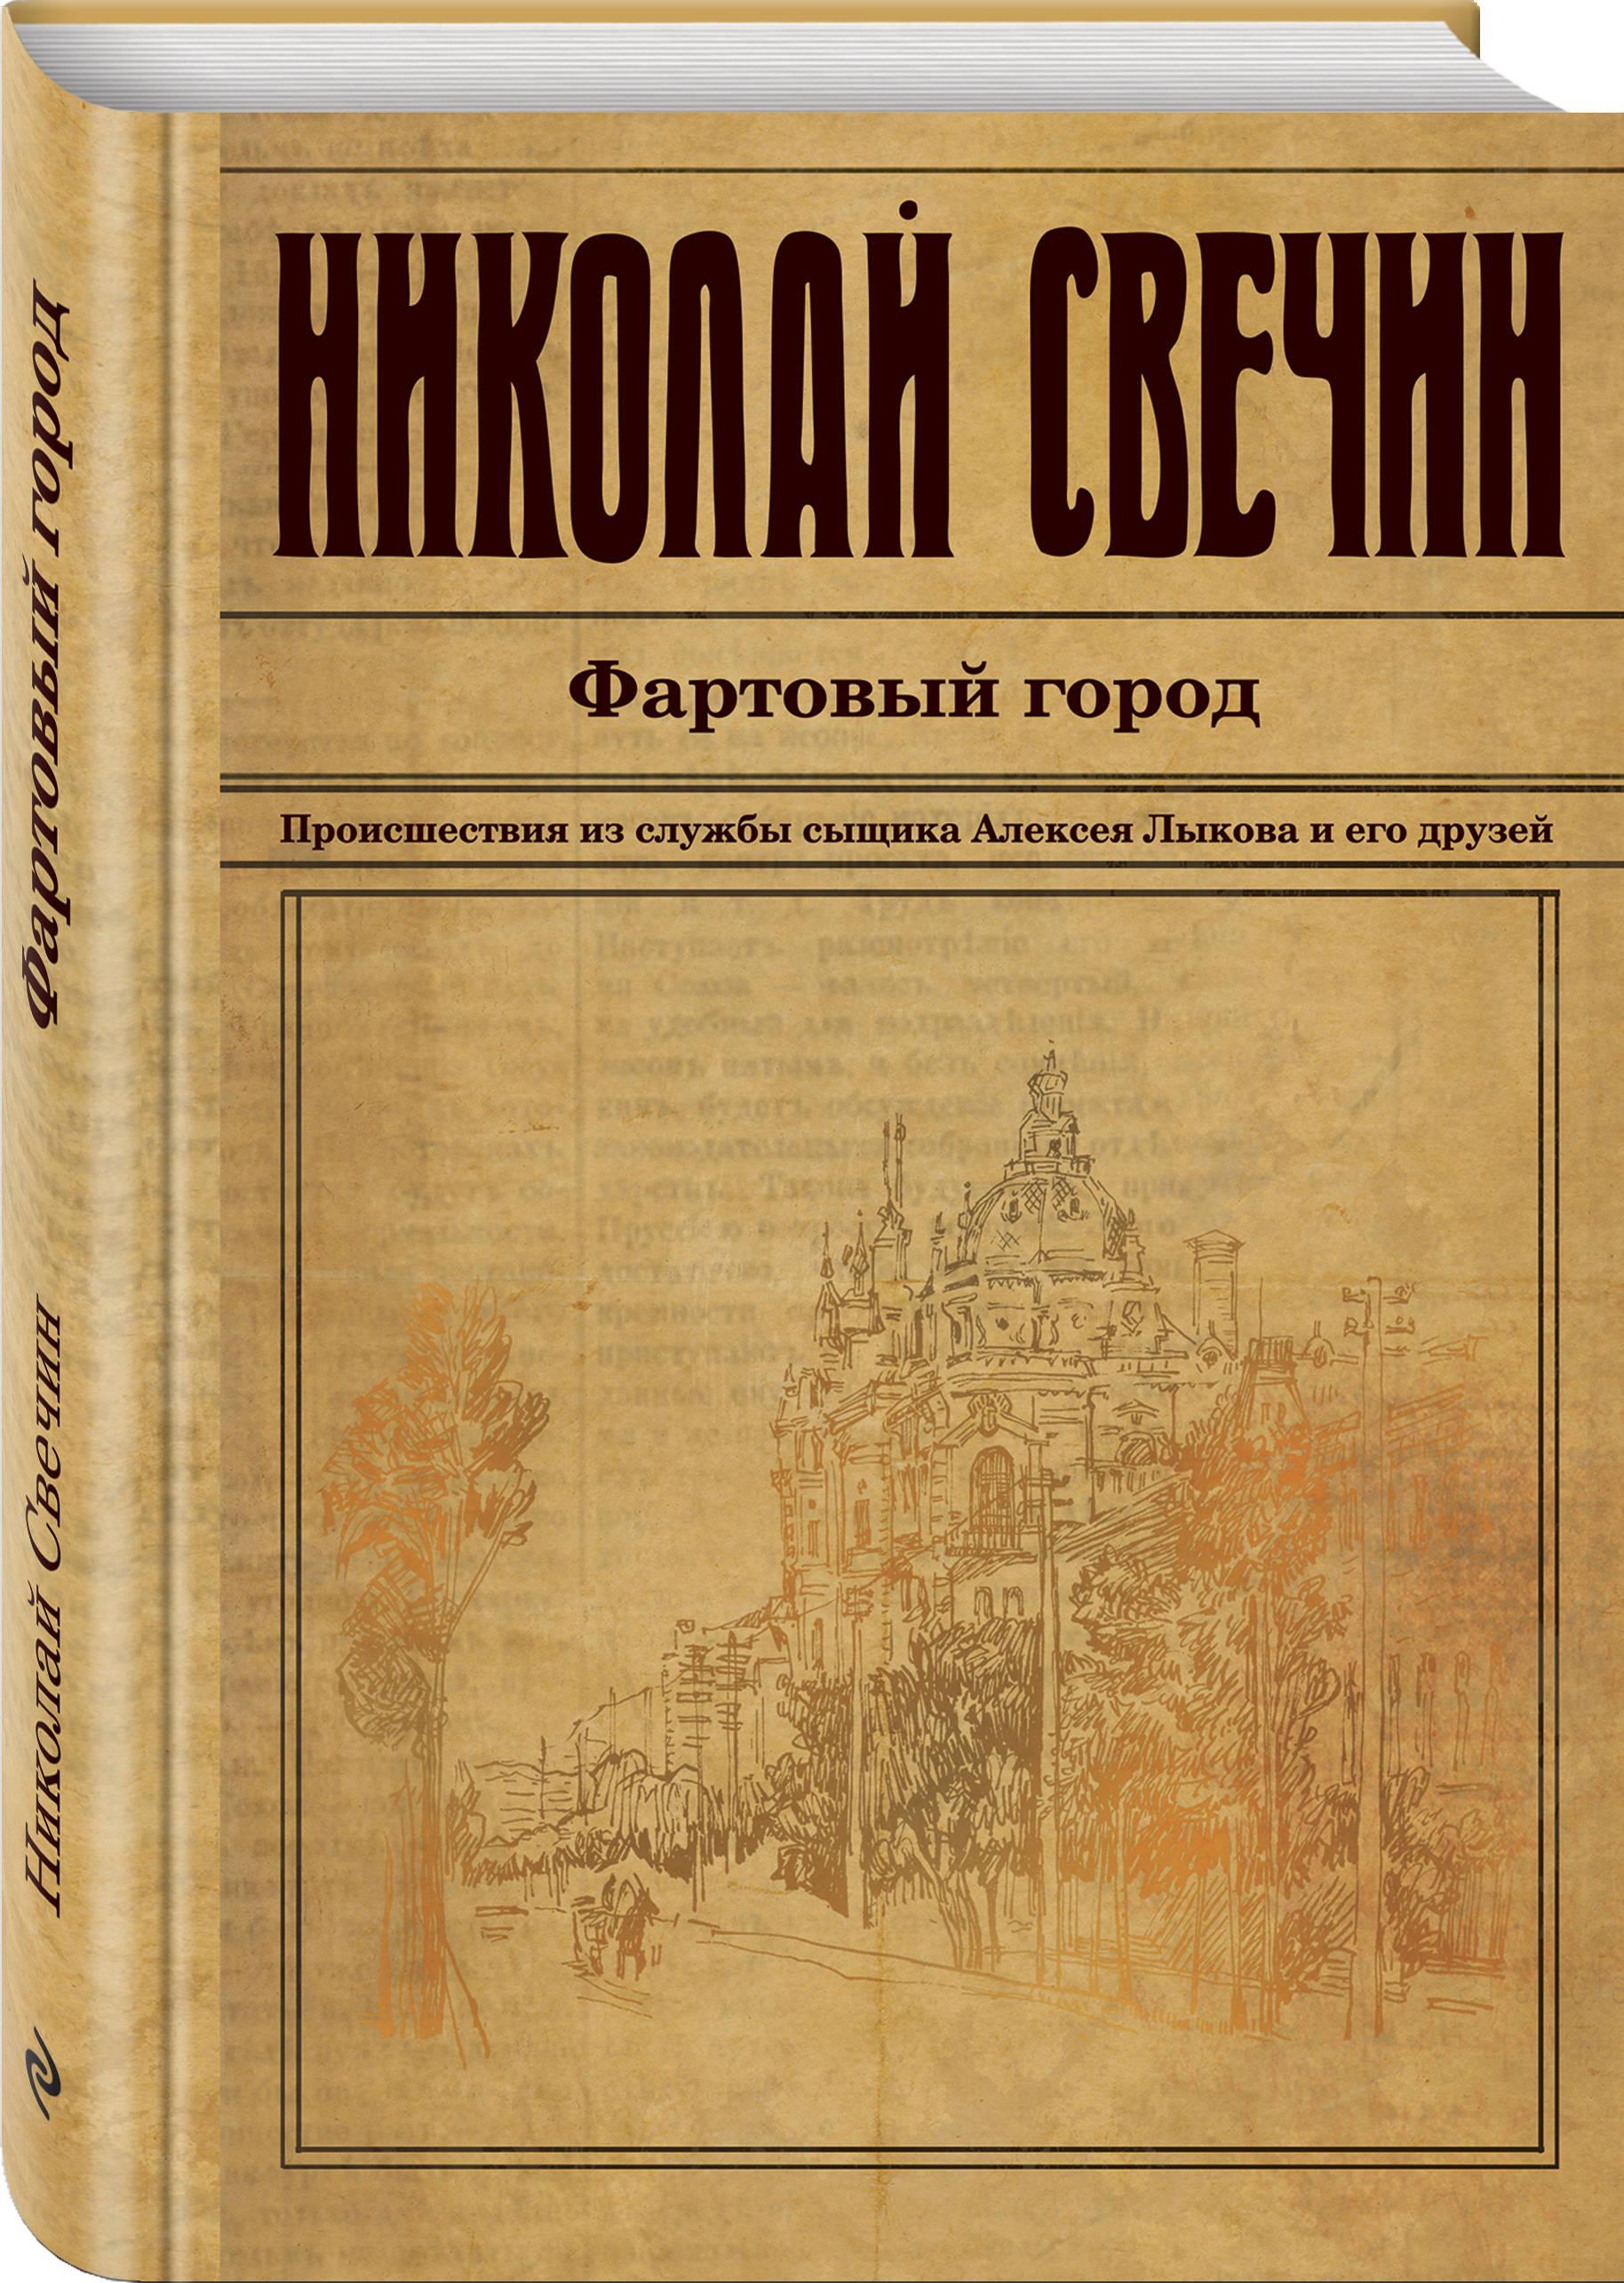 Николай Свечин Фартовый город